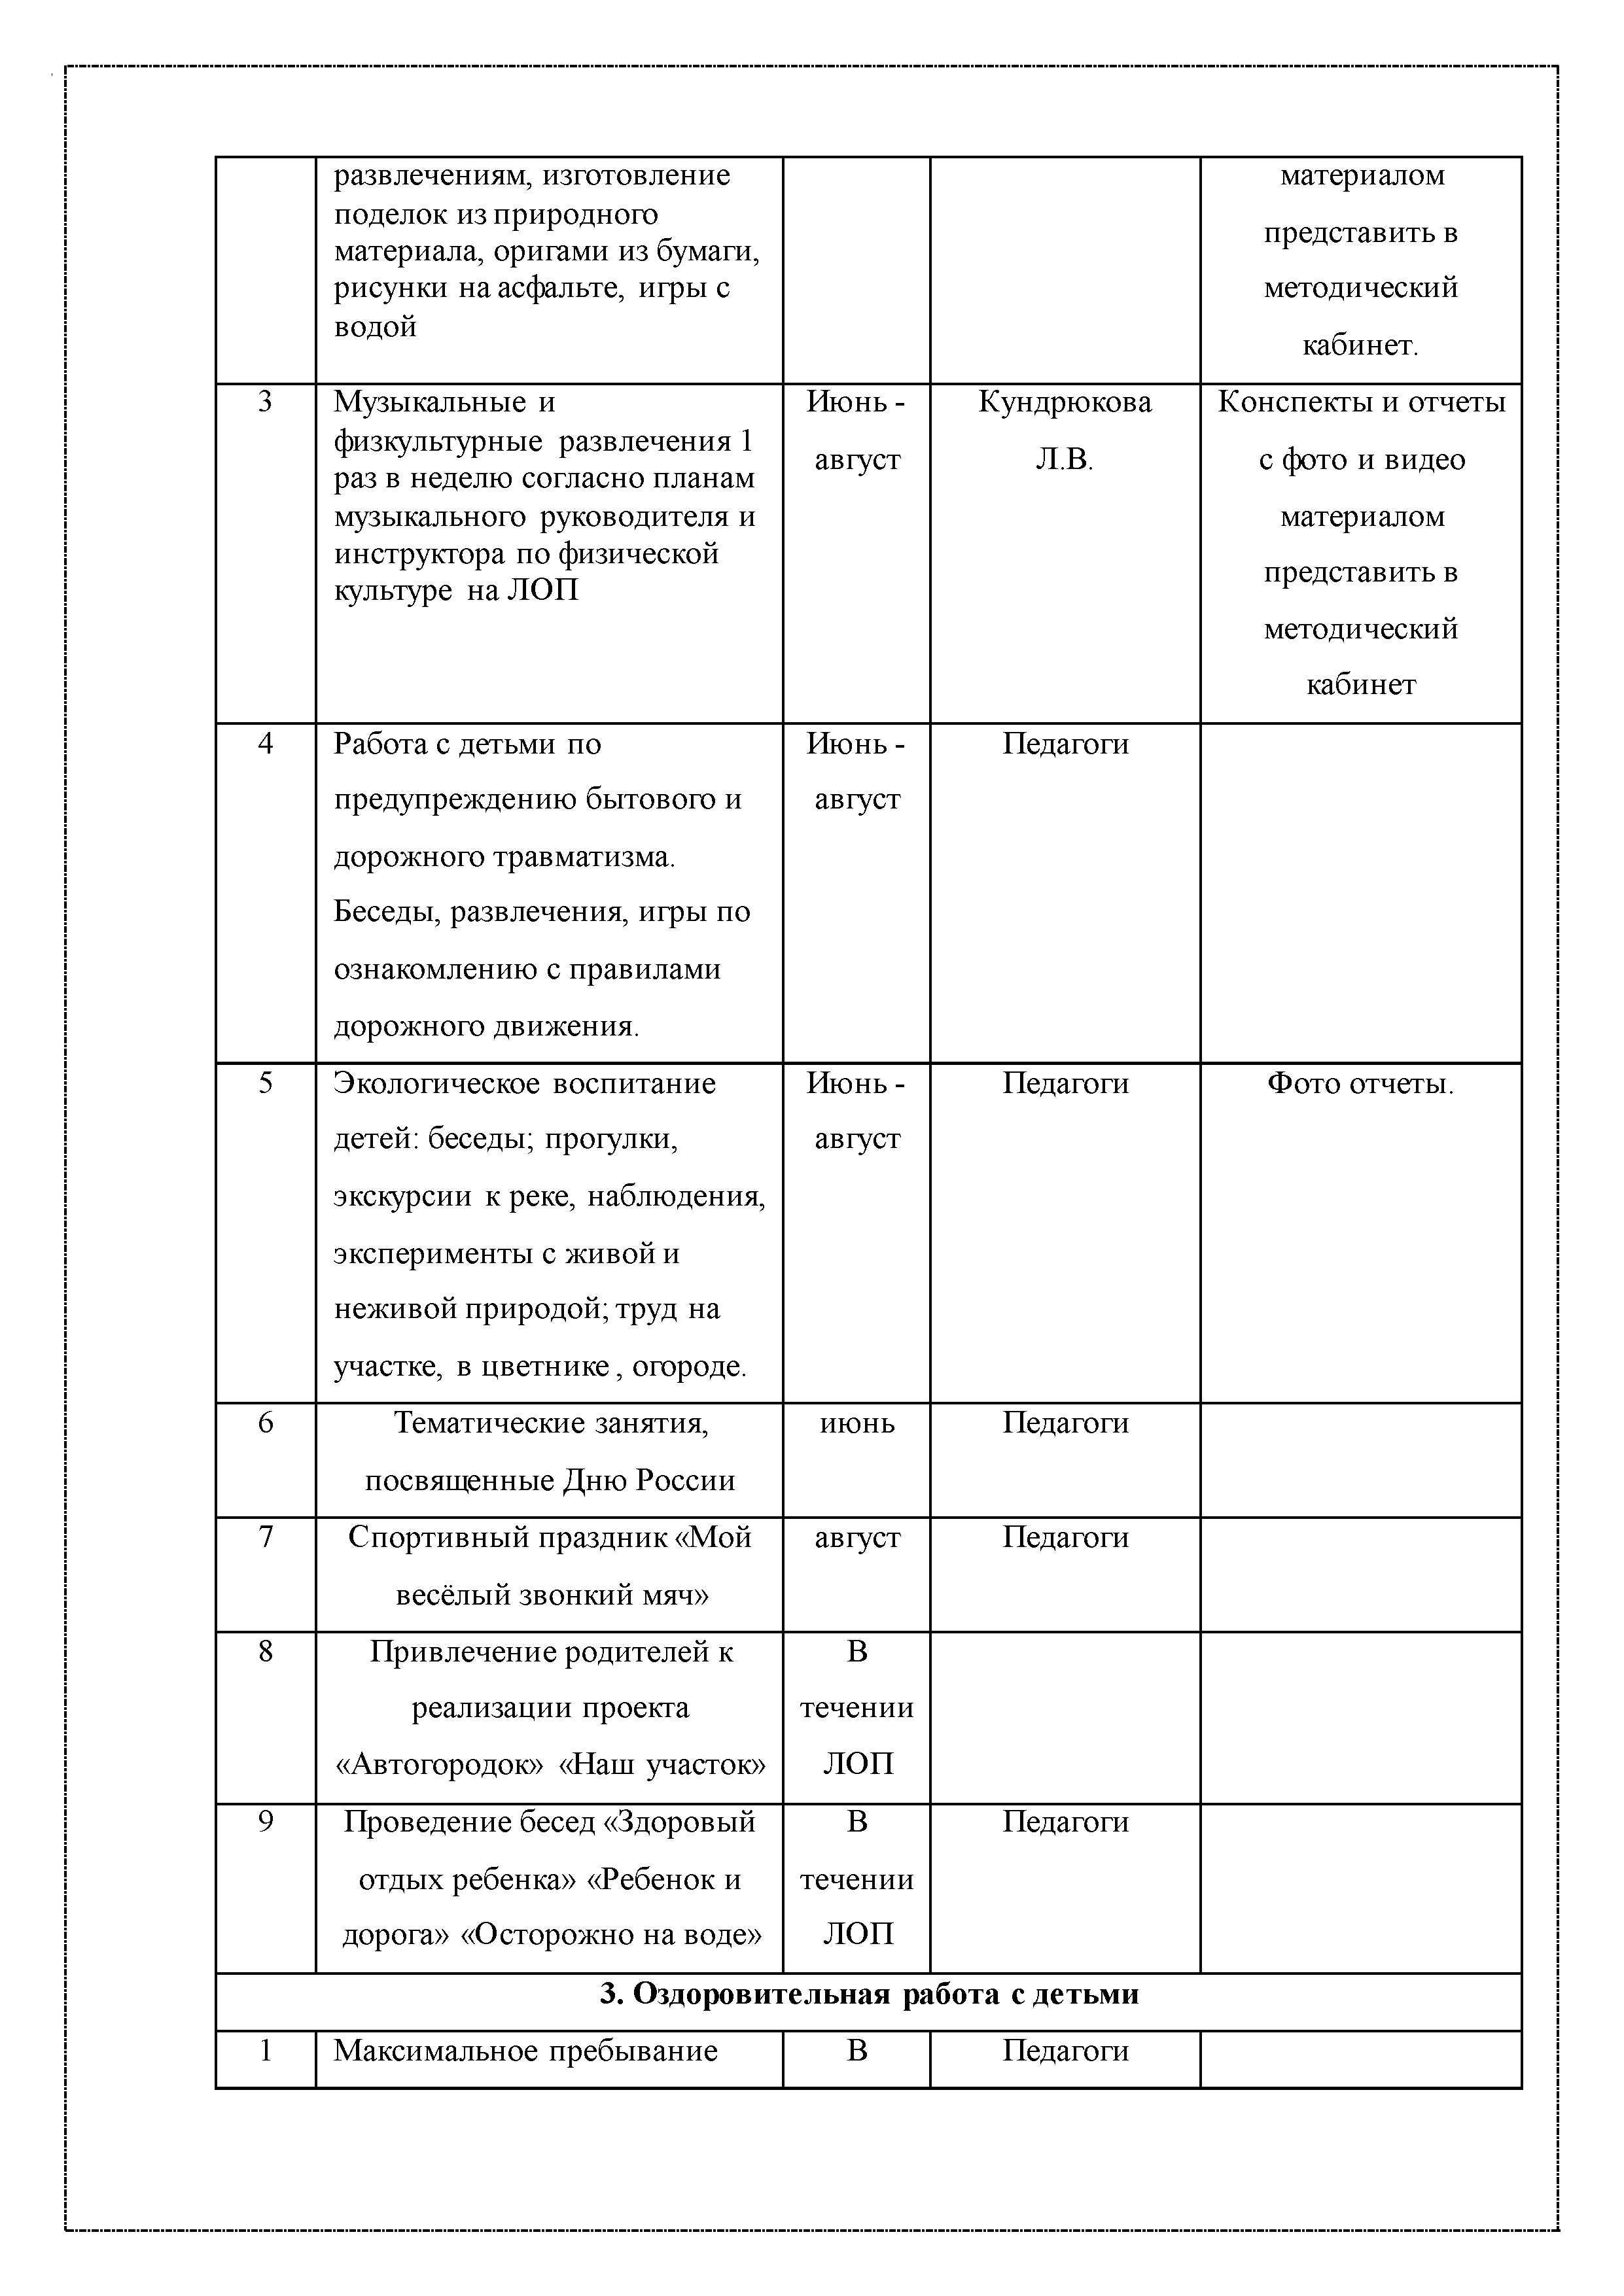 план ЛОП_3